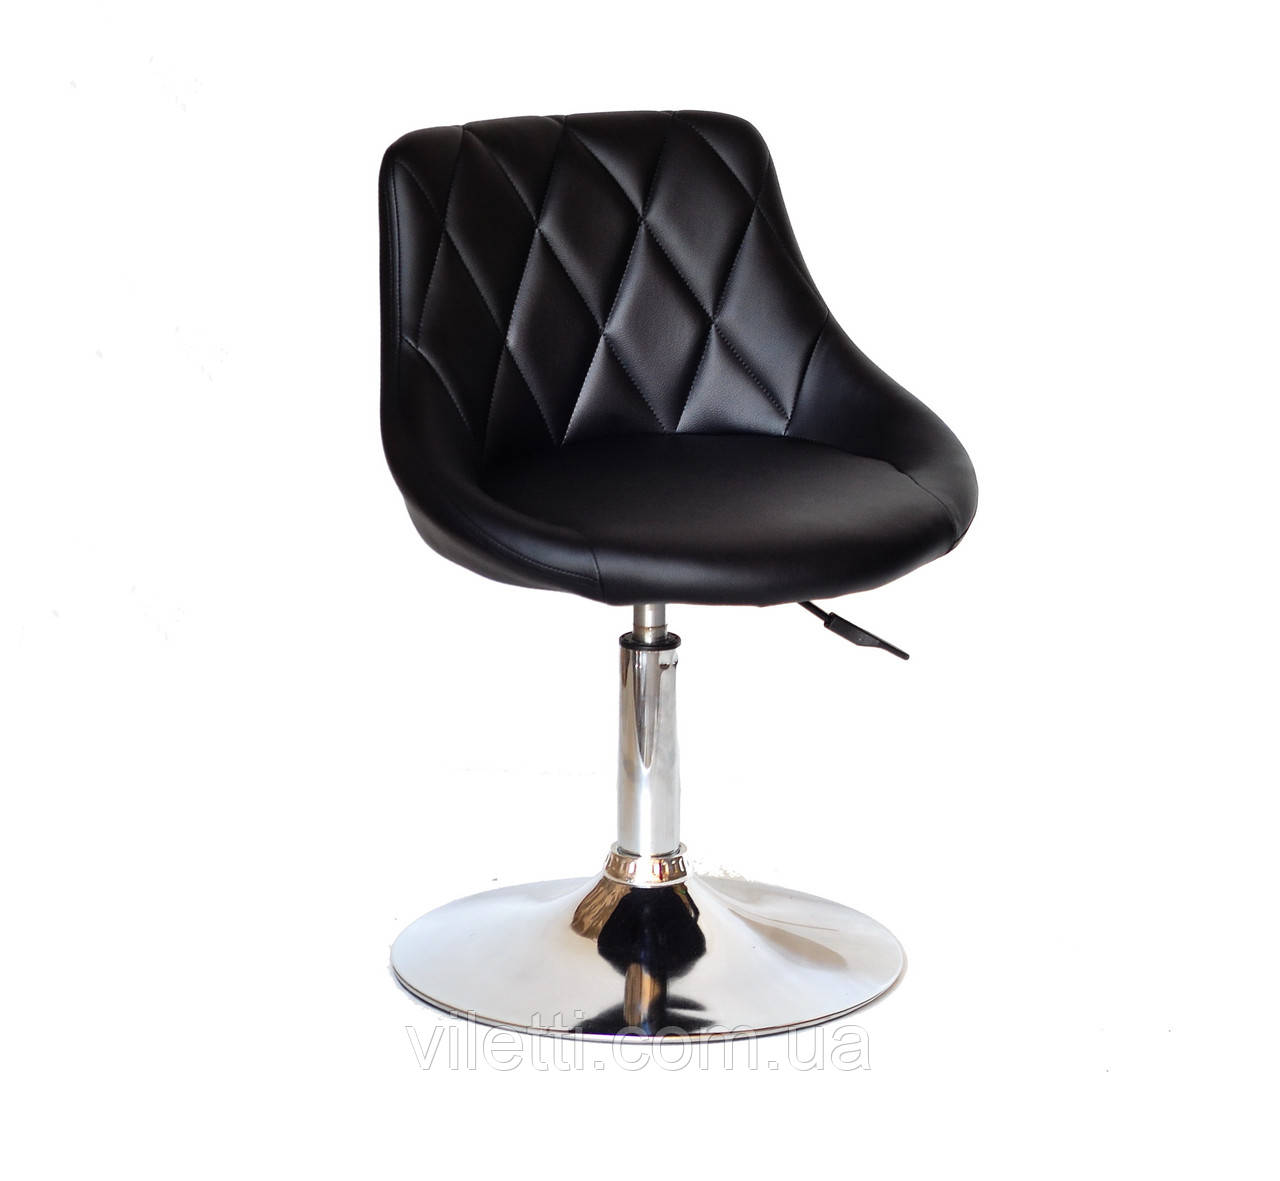 Кресло на блине хром и обивкой из эко-кожи FORO CH-Base для мастеров, клиентов, салонов